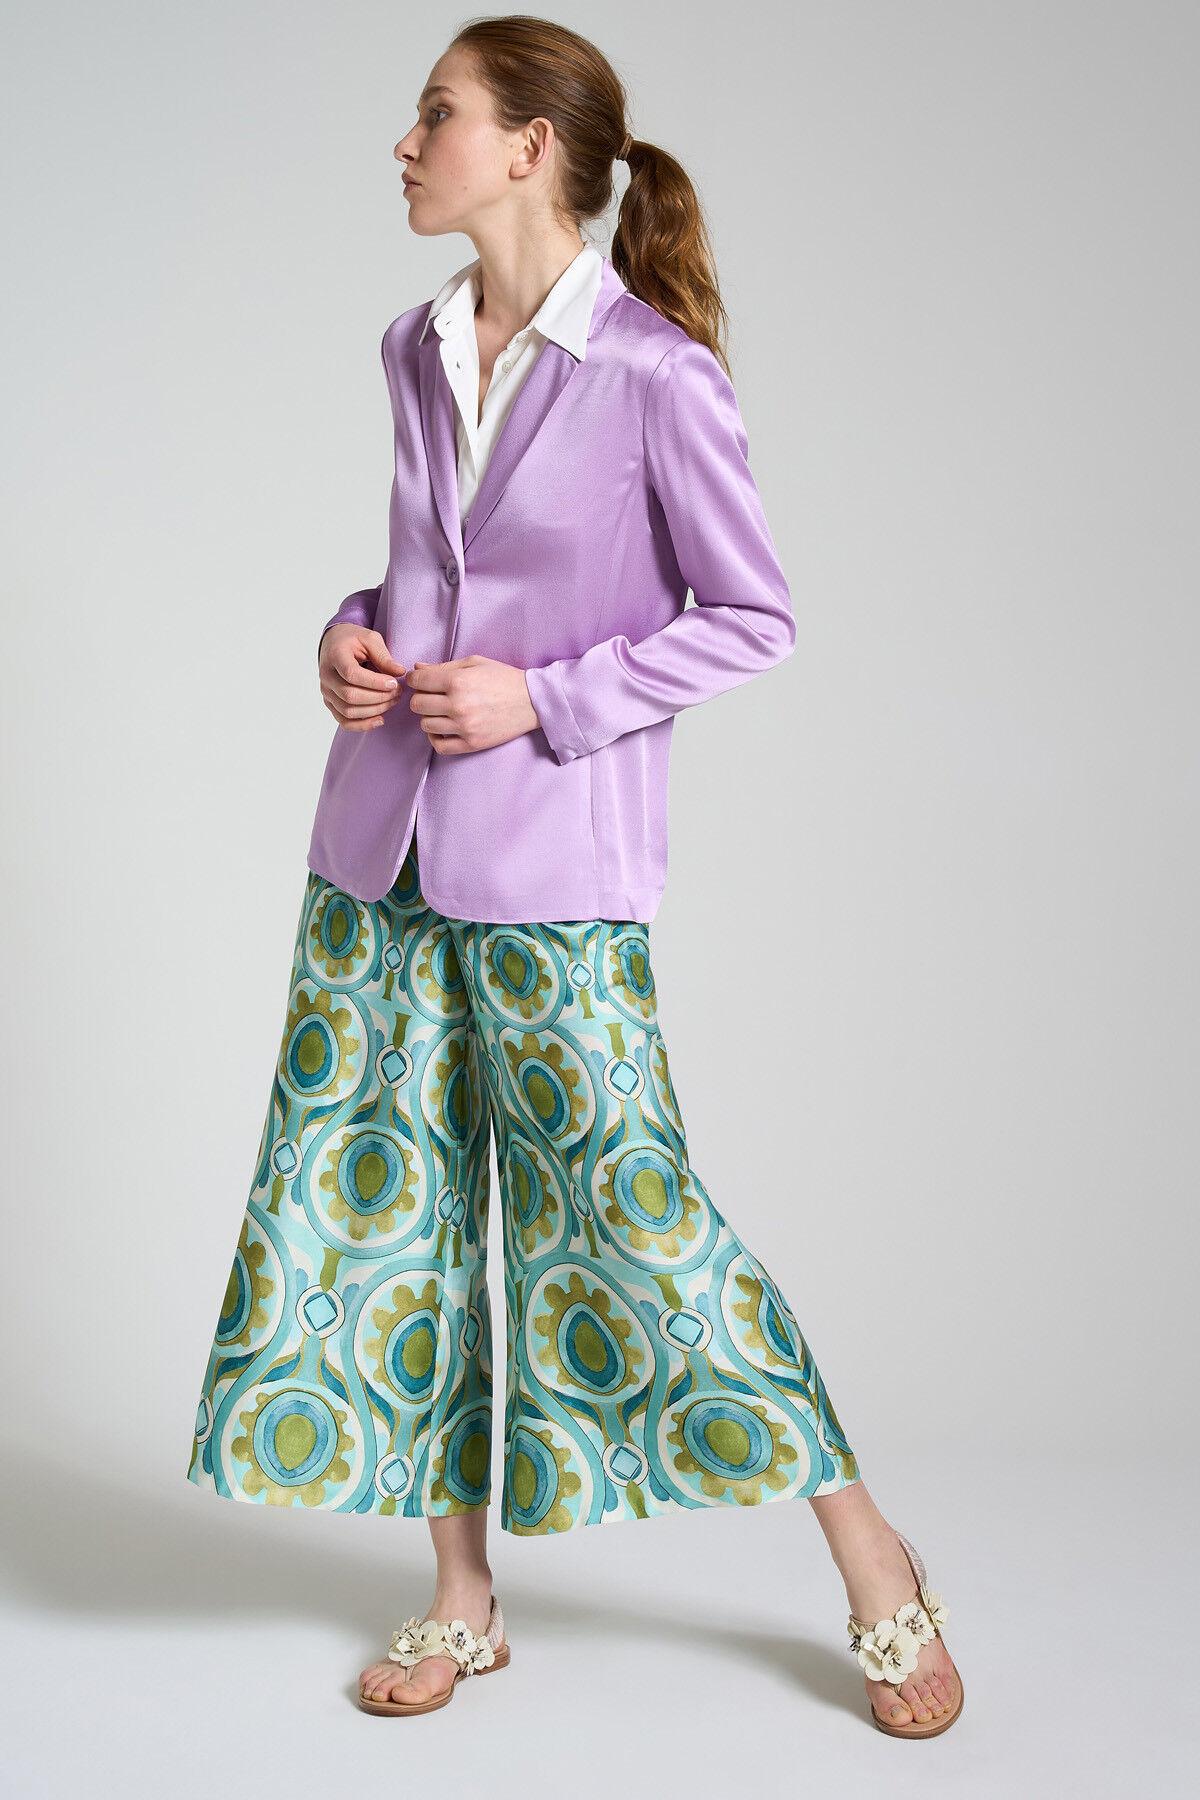 Pantalone Ottoman Twill - Maliparmi